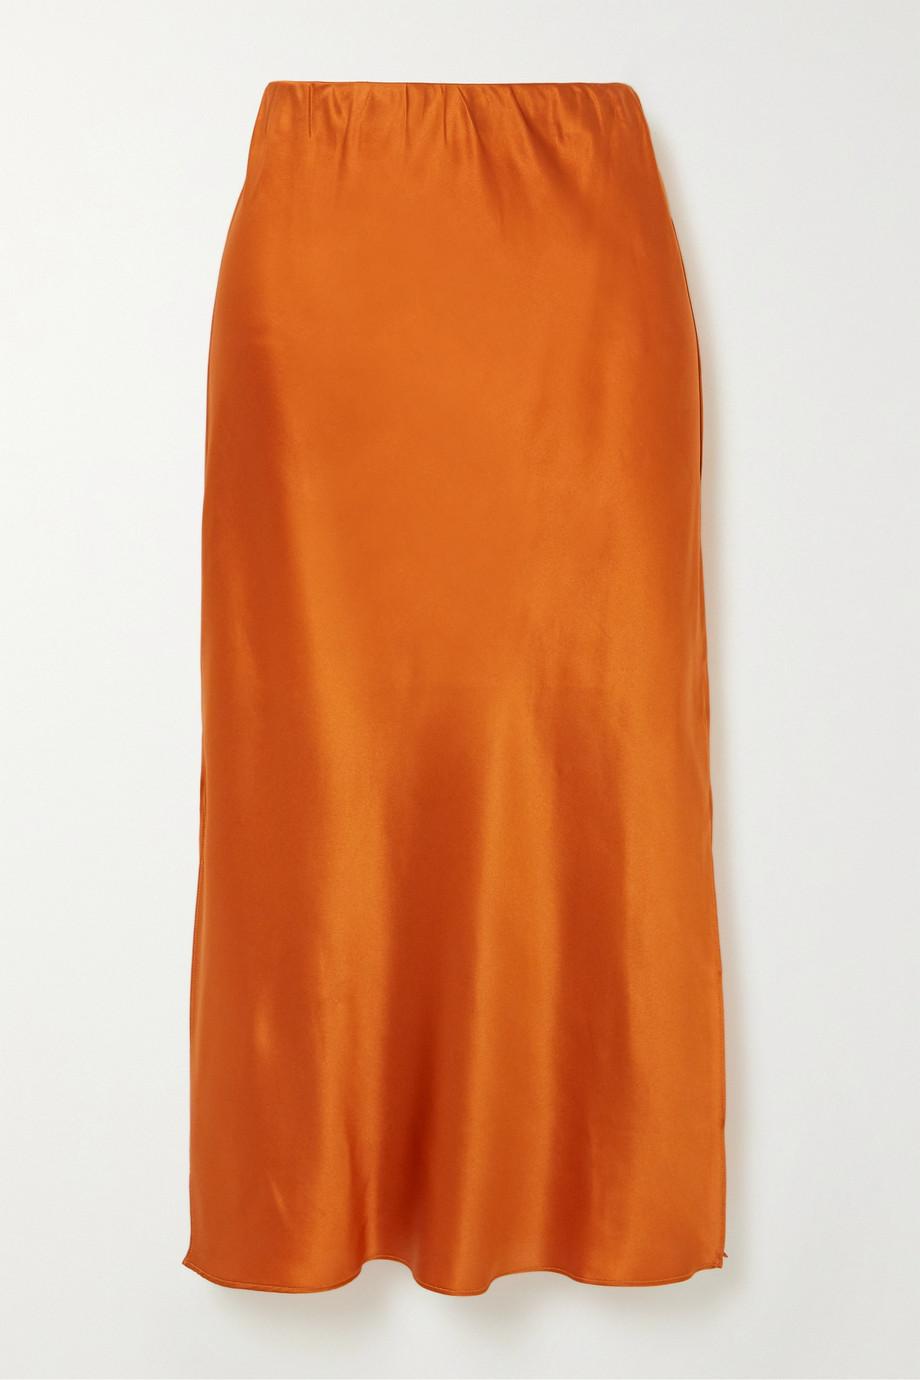 Olivia von Halle Isla 丝缎中长半身裙